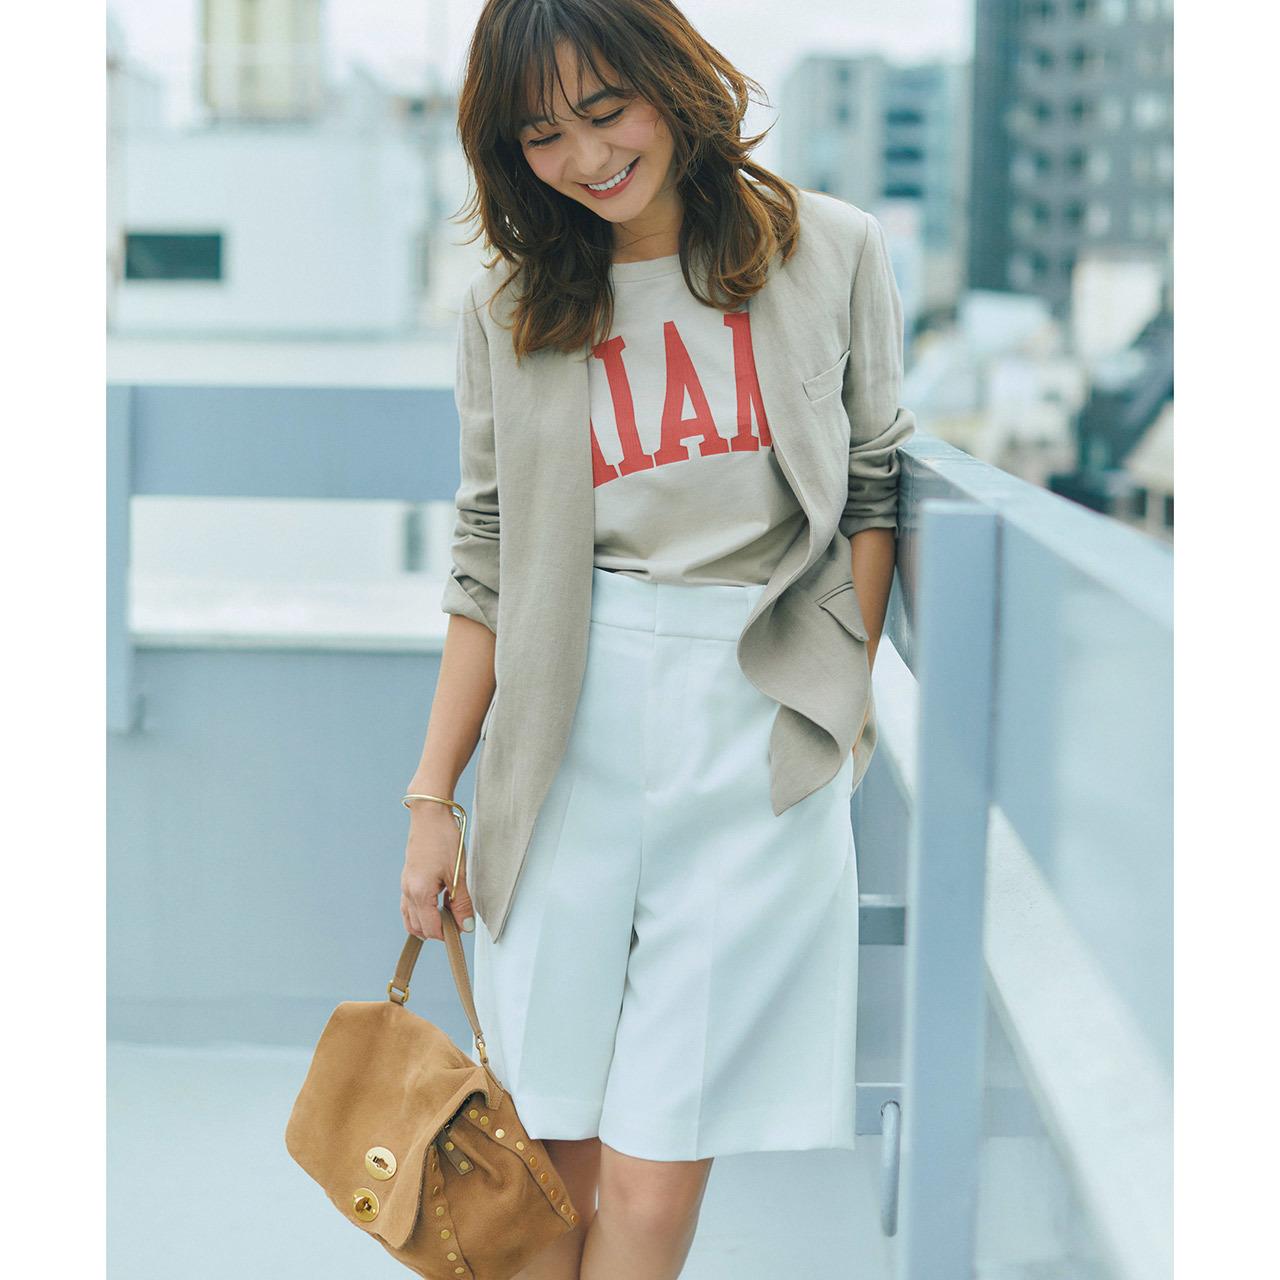 ロゴTシャツ×ジャケット×ショートパンツコーデを着たモデルの竹下玲奈さん